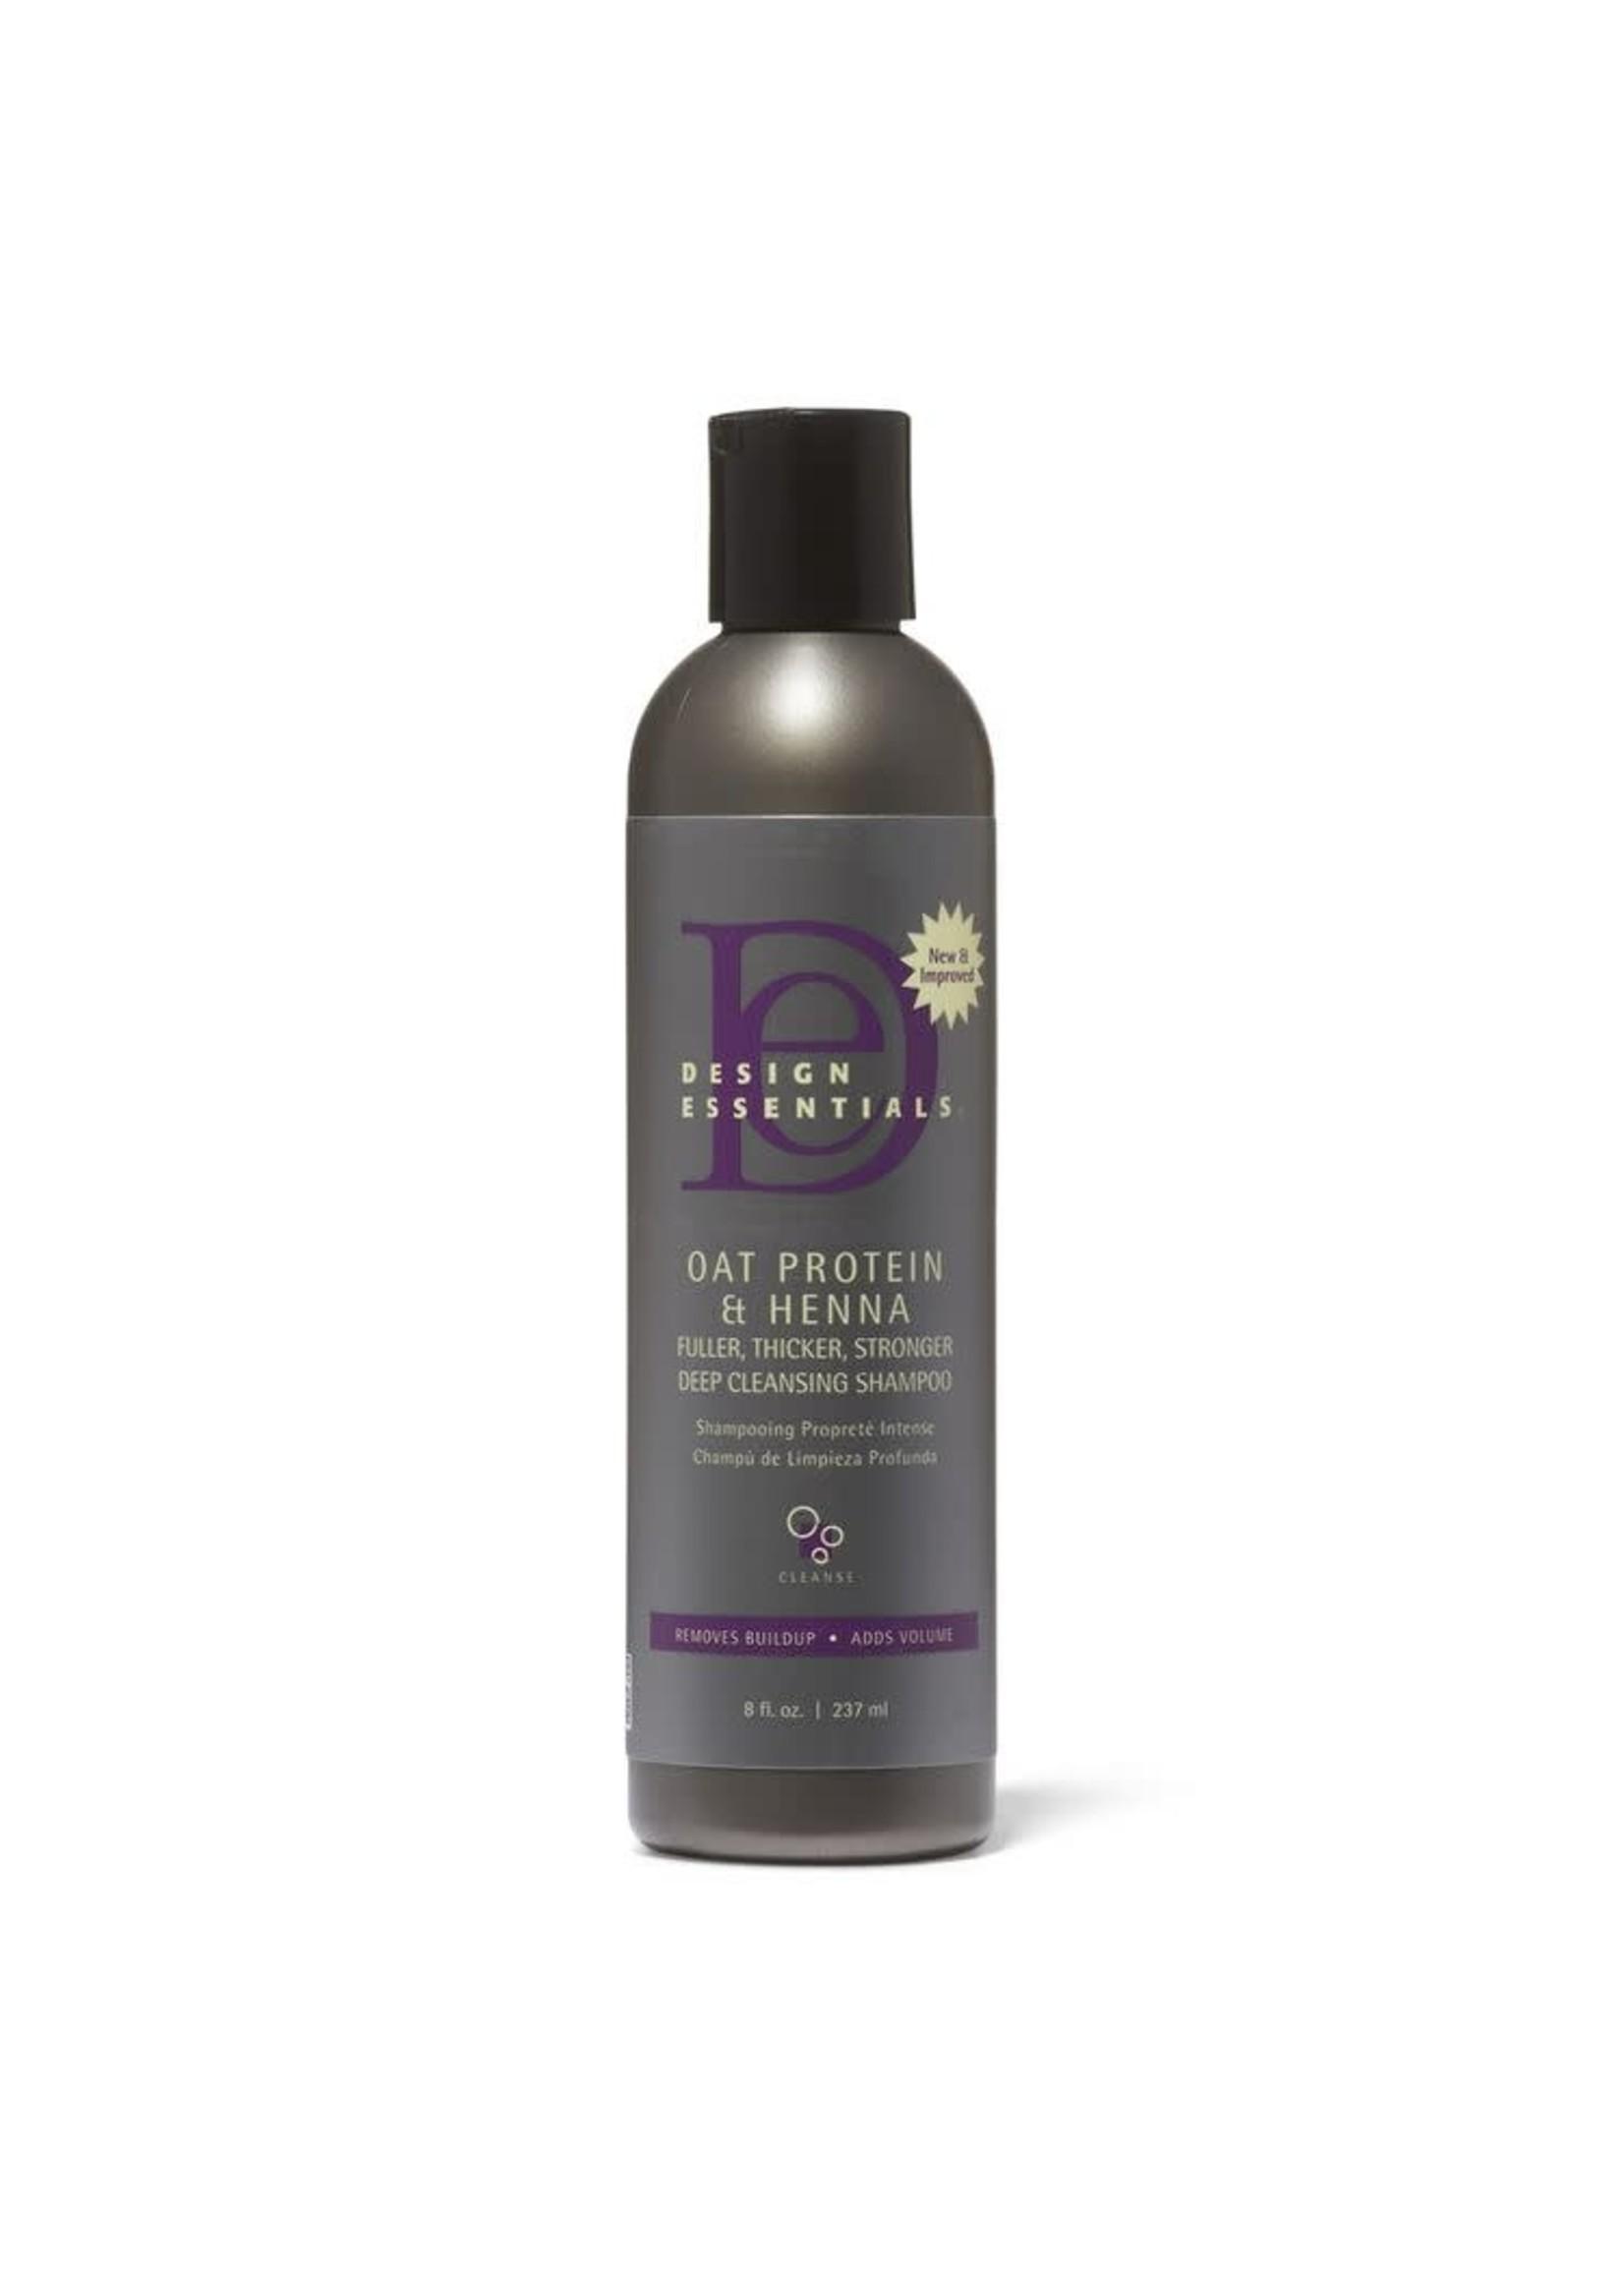 Design Essentials Oat Protein & Henna Deep Clensing Shampoo